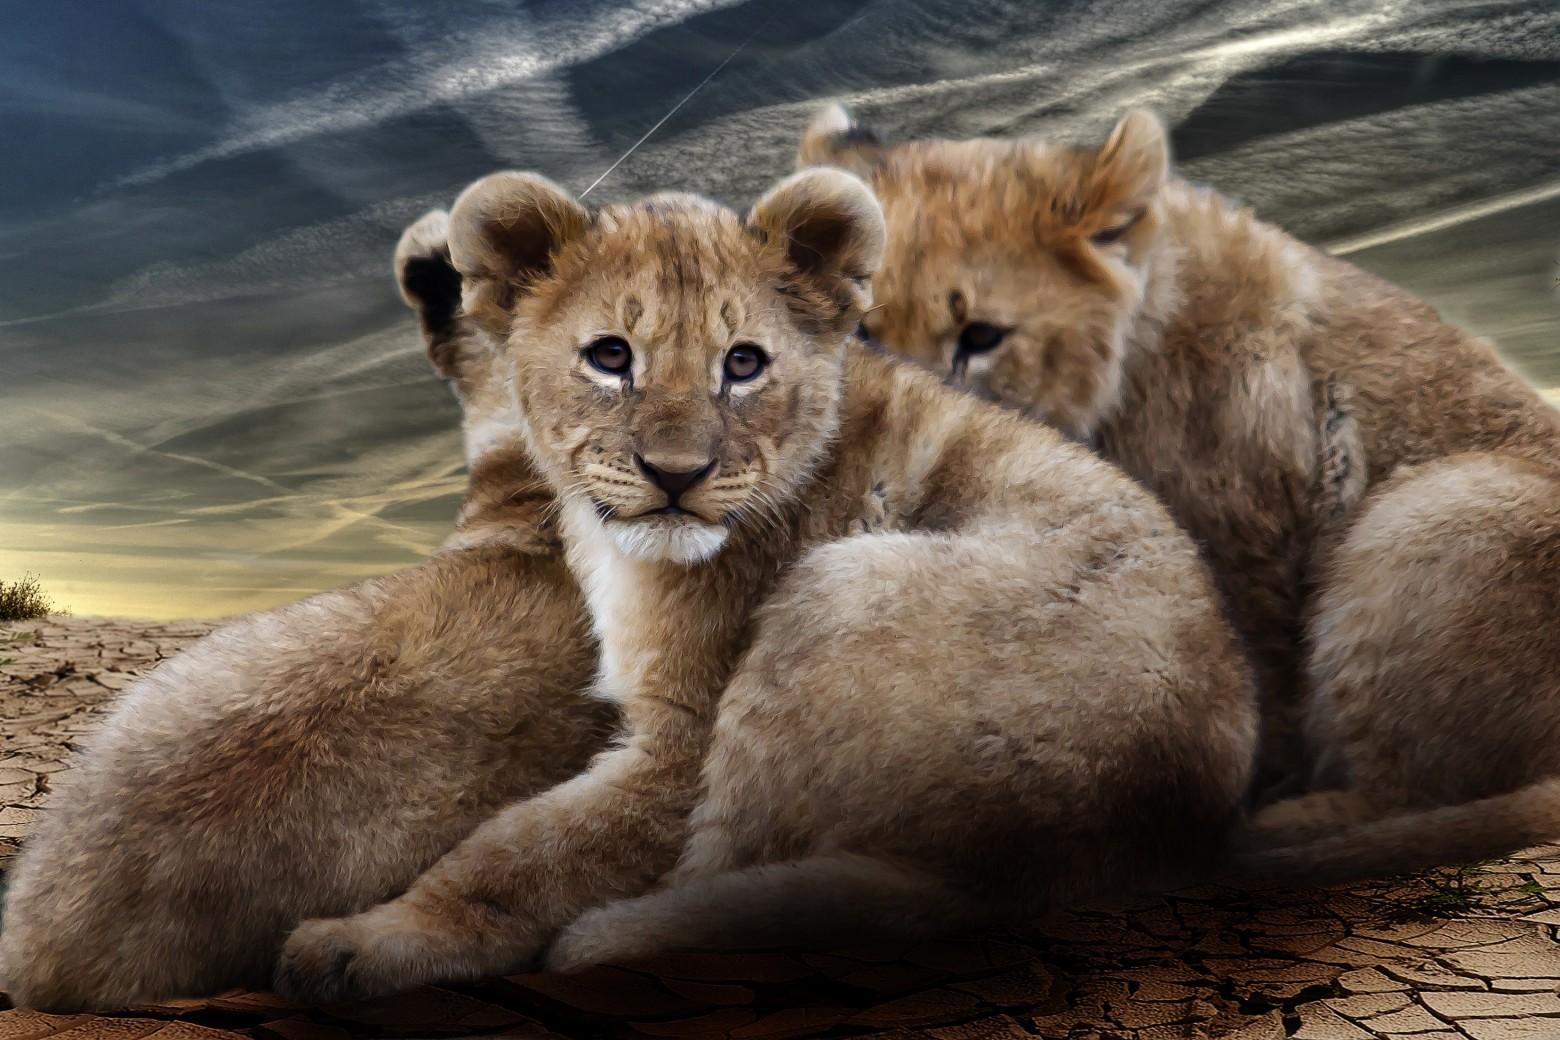 Fond d 39 cran lion lionceau images gratuites images - Photos de lions gratuites ...